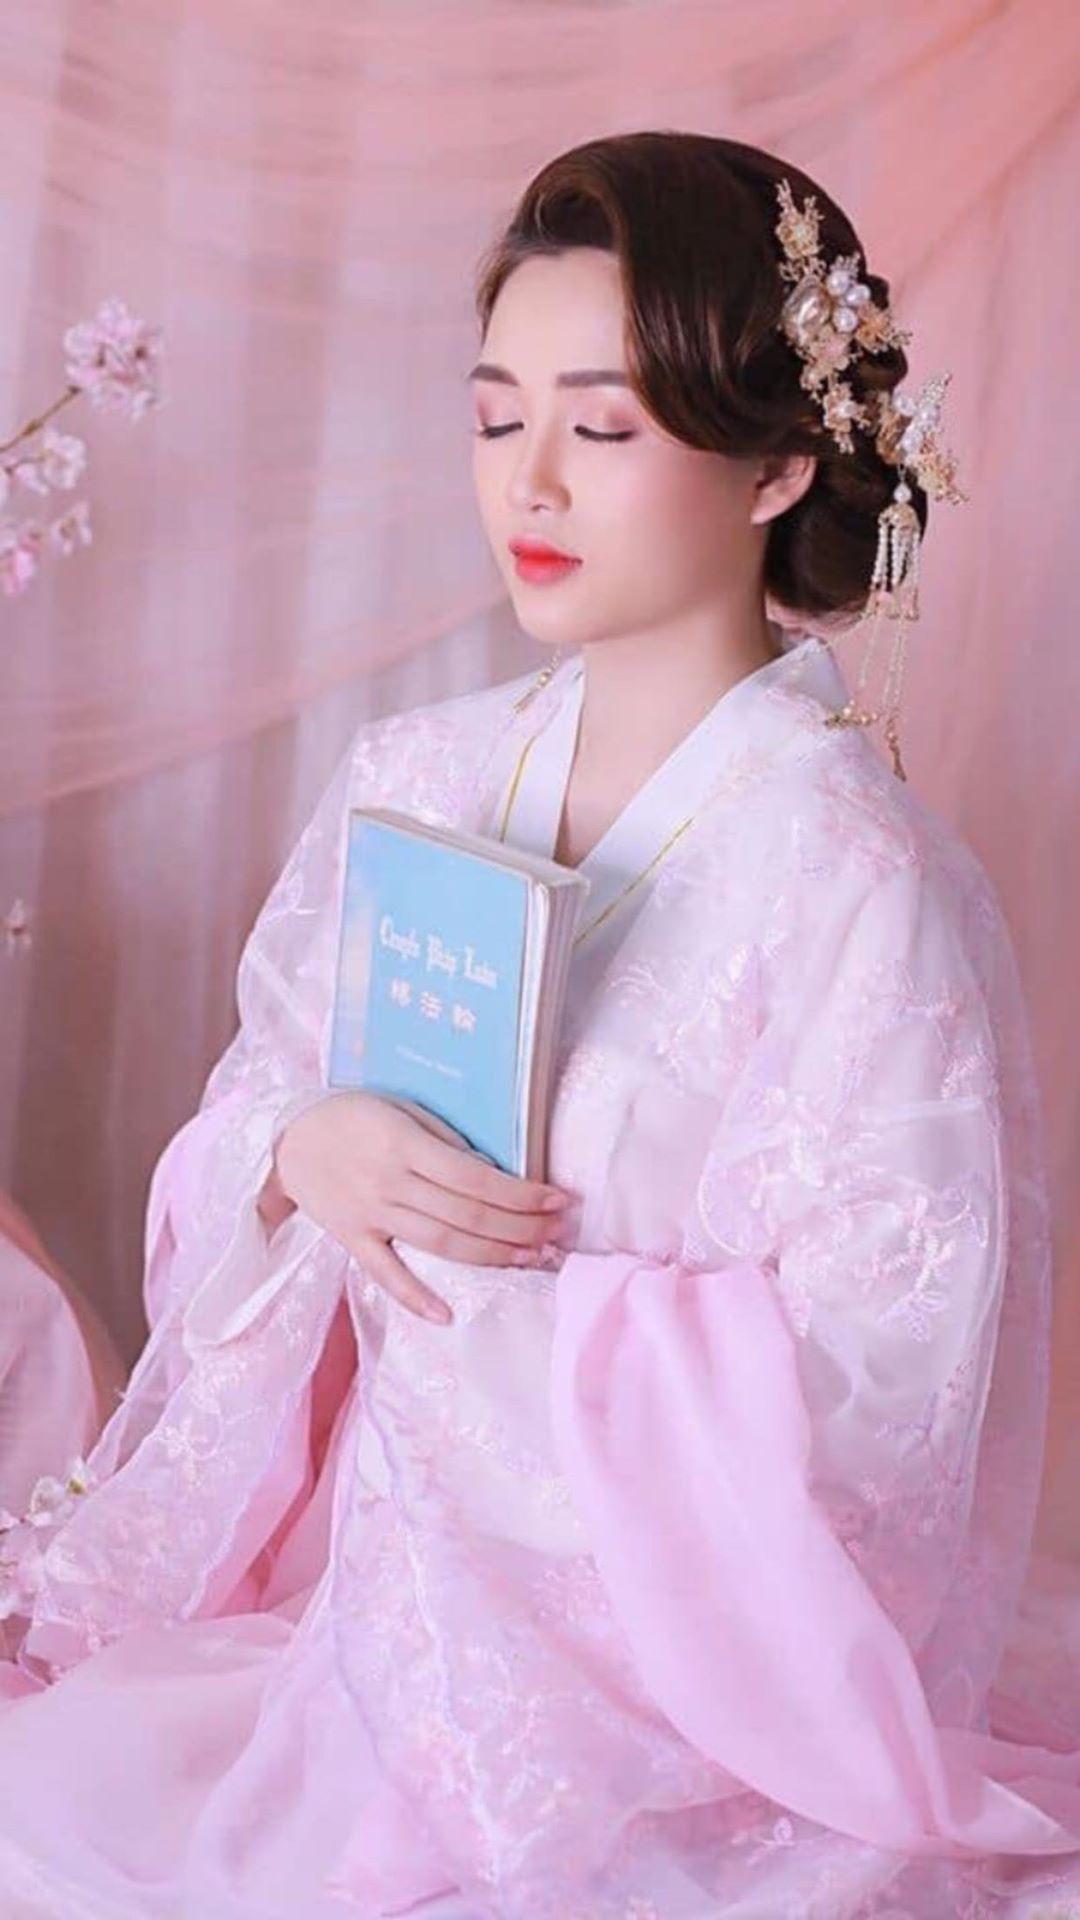 """Bàn về chữ nữ (女) và đạo """"Tam tòng tứ đức"""" của người phụ nữ truyền thống"""